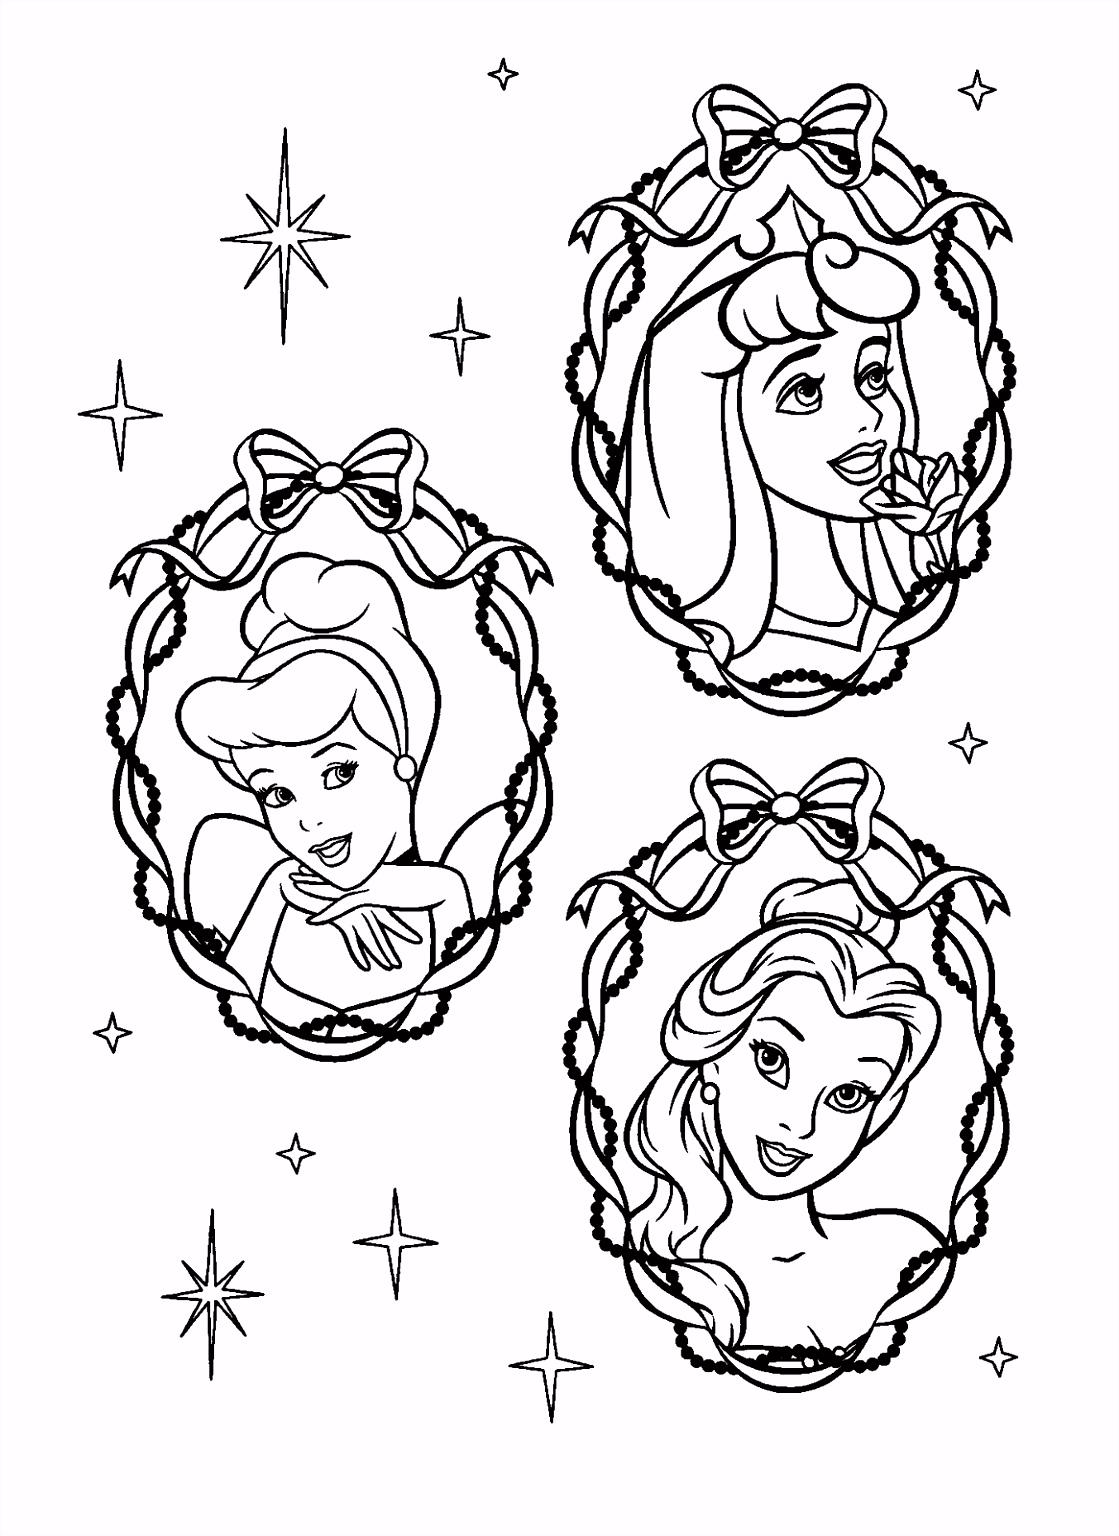 Disney Prinsessen Kleurplaat – inkleuren